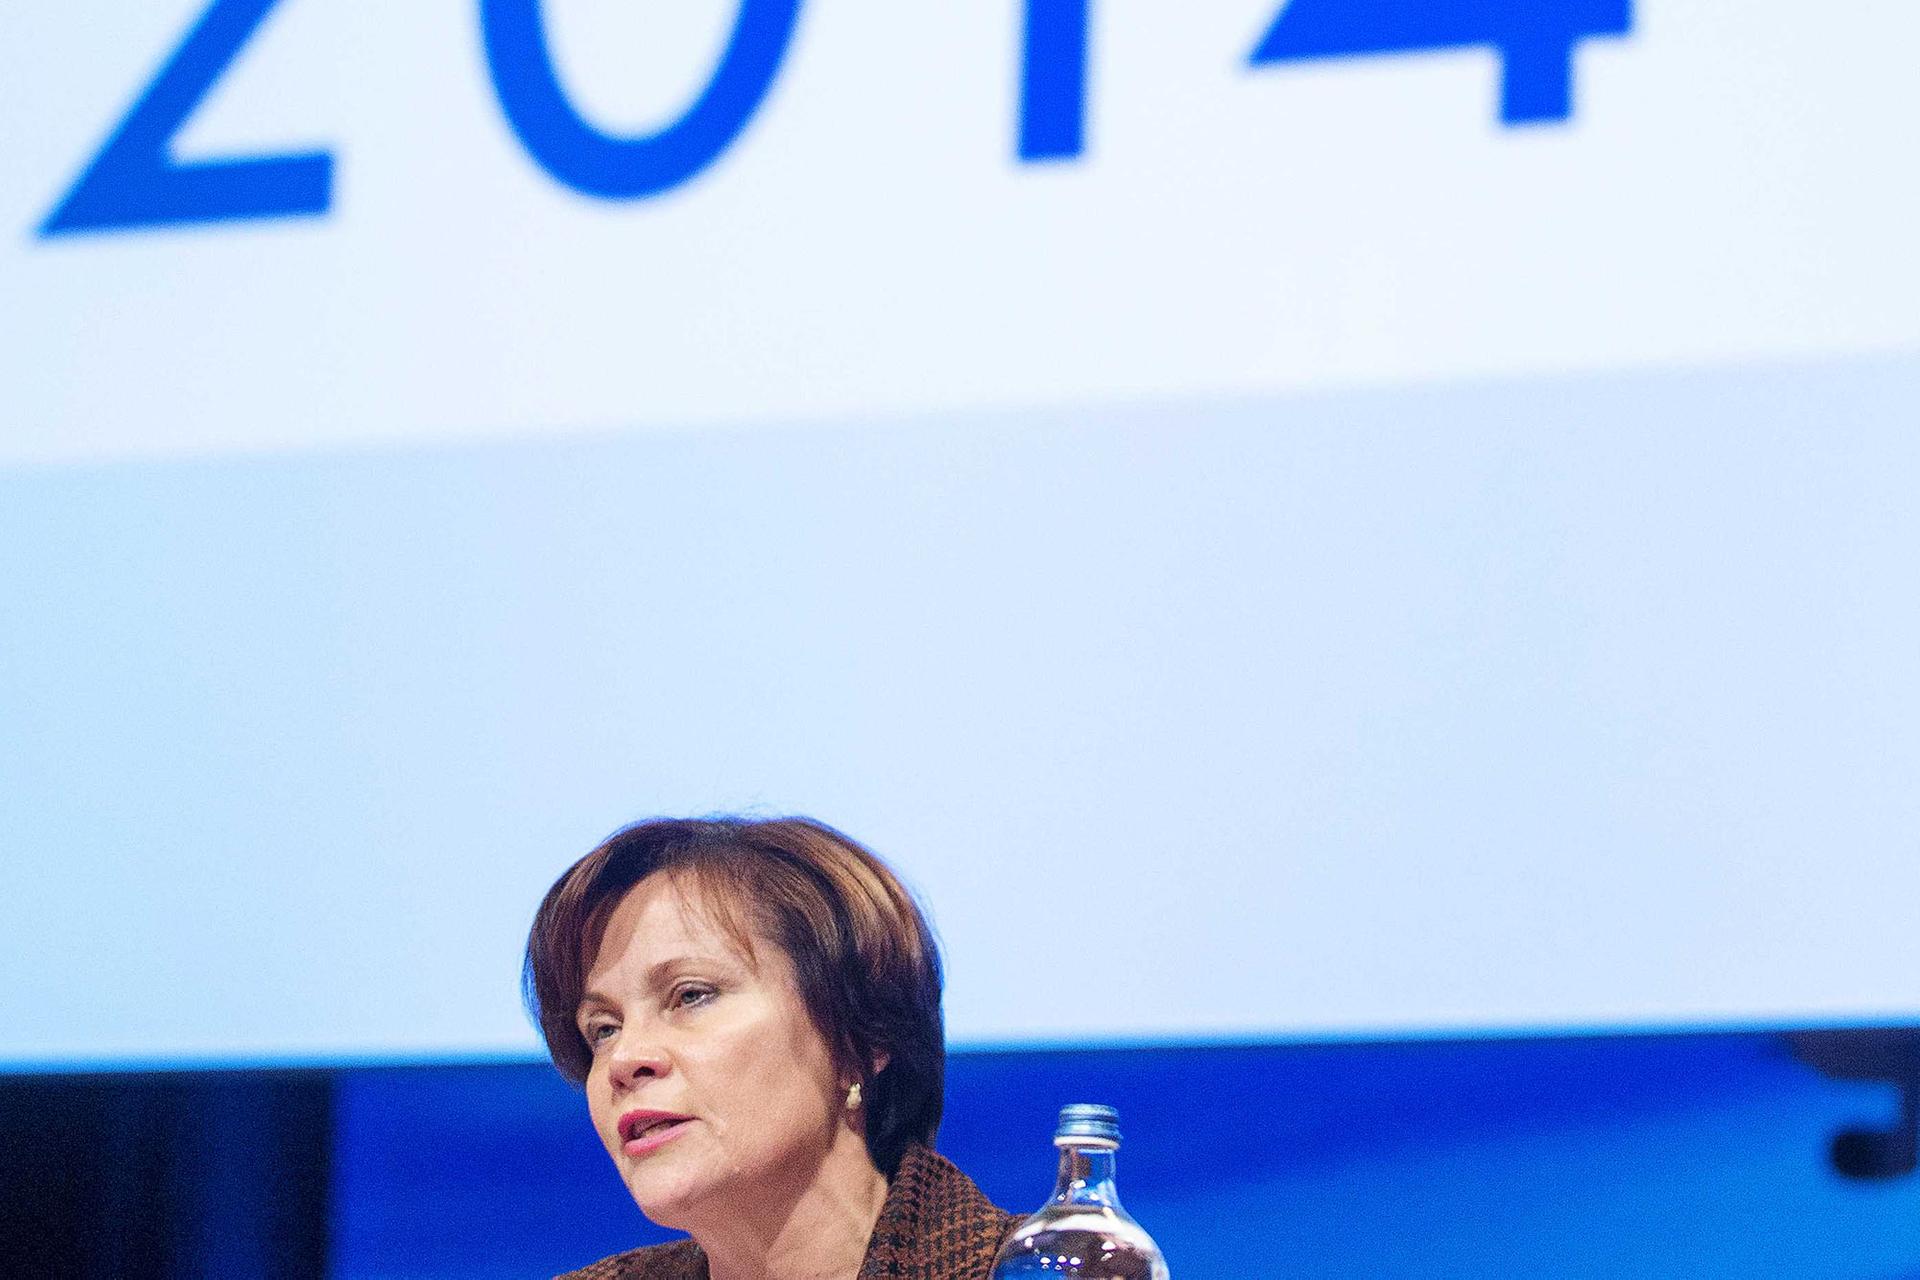 Президентка Парламентської асамблеї НАТО, колишня міністерка оборони Литви Раса Юкнявічене під час сесії Асамблеї в Гаазі, Нідерланди, 23 листопада 2014 року